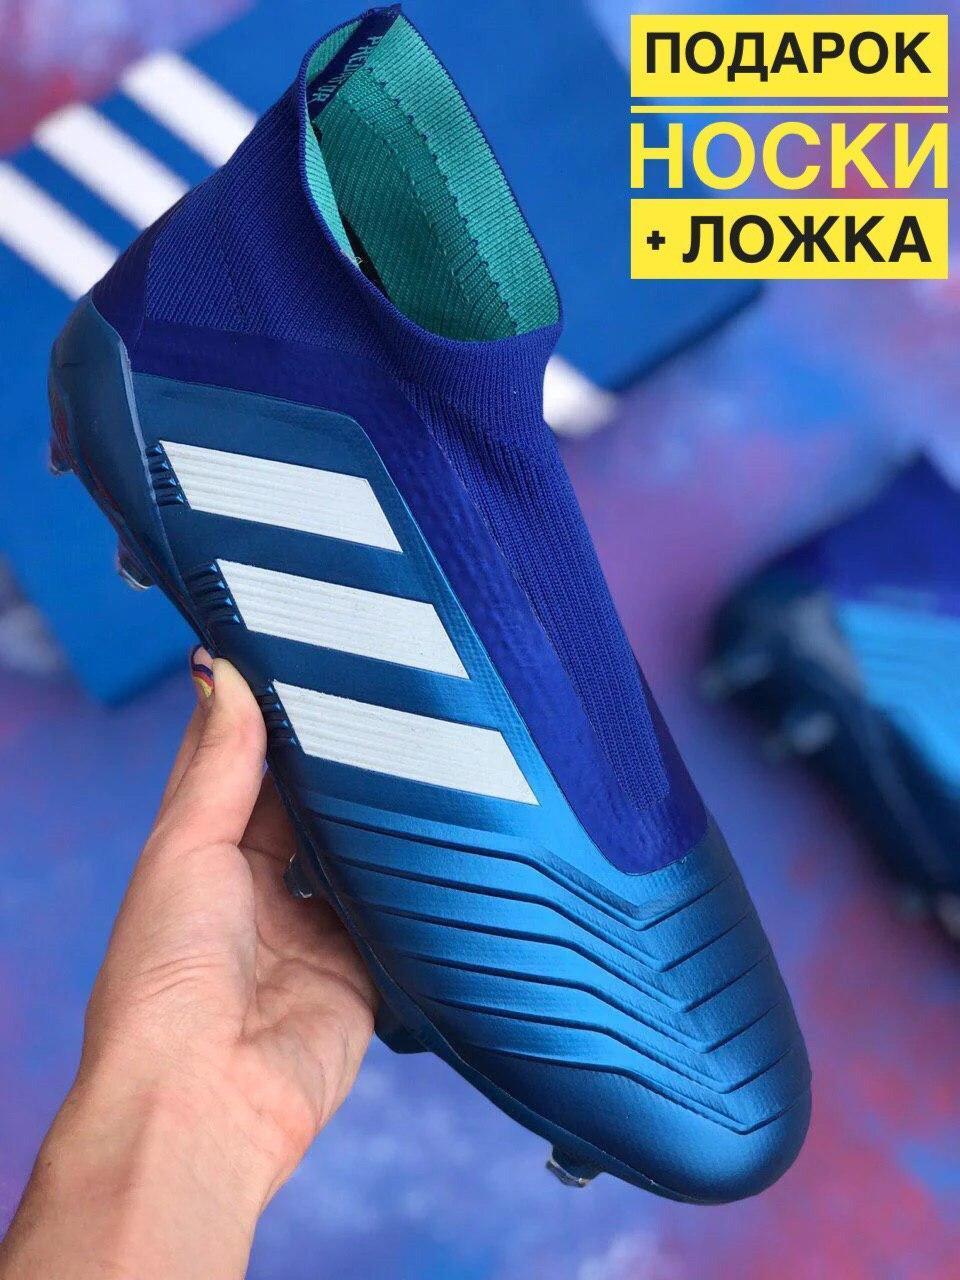 Бутсы Adidas Predator 18+FG/ копы адидас предатор с носком/без шнурков(реплика)